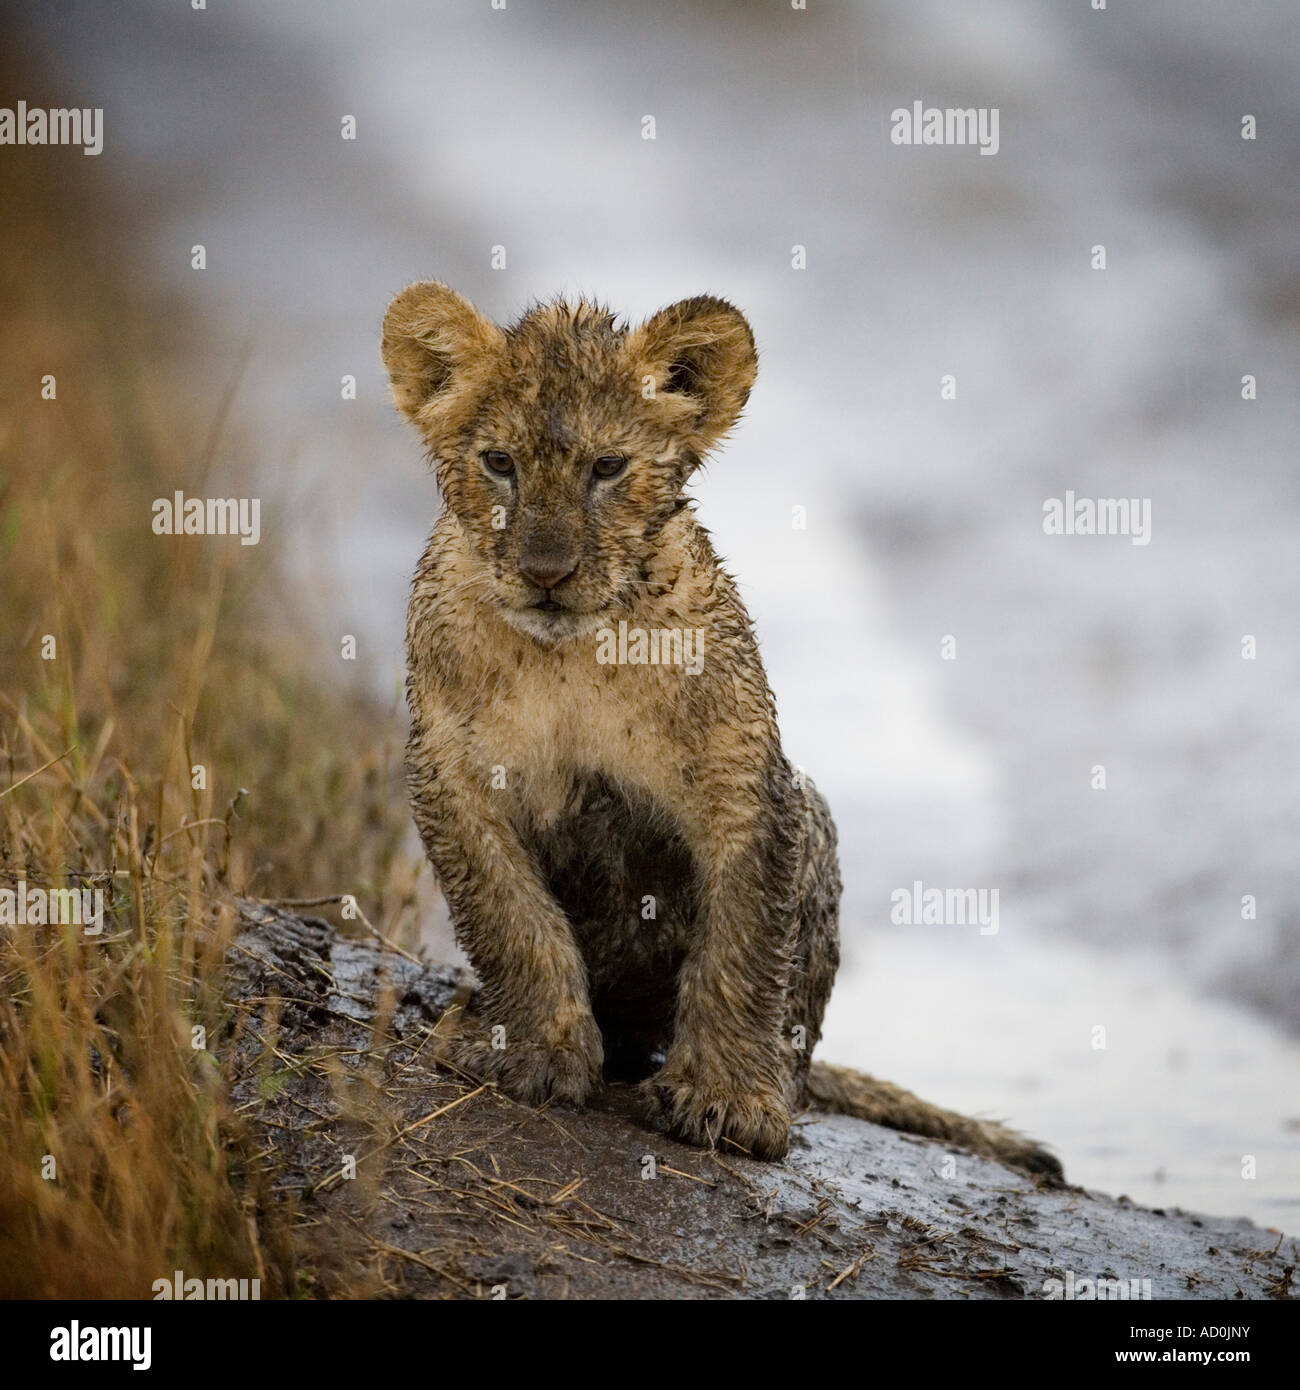 África Kenia la reserva Masai Mara cachorro de león Panthera leo sentado cubierto de barro mientras jugaba en la tormenta Foto de stock